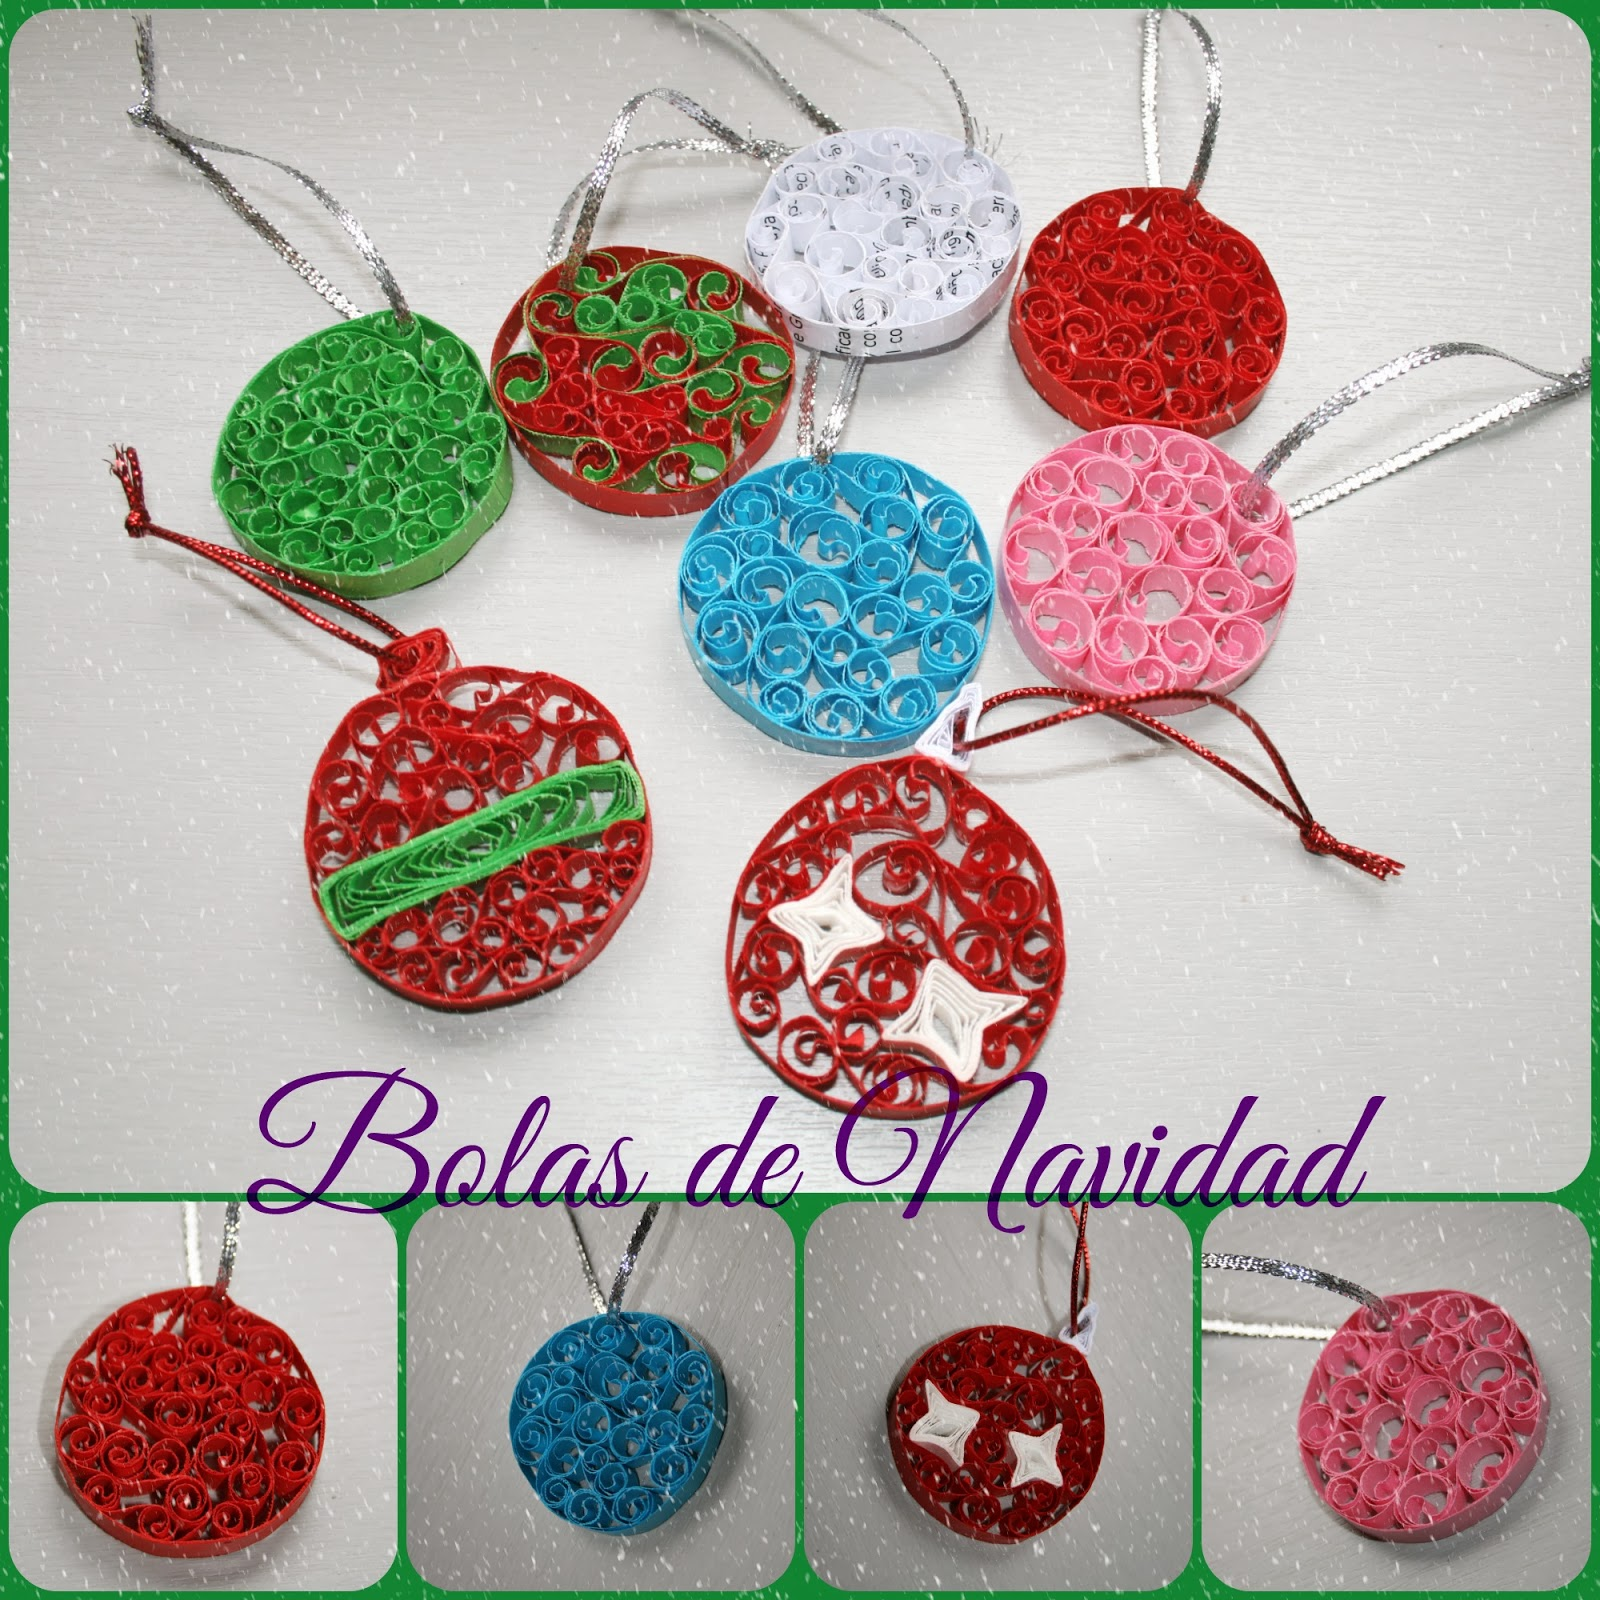 El joyero de papel merle adornos navide os bolas de navidad - Adornos navidenos de papel ...